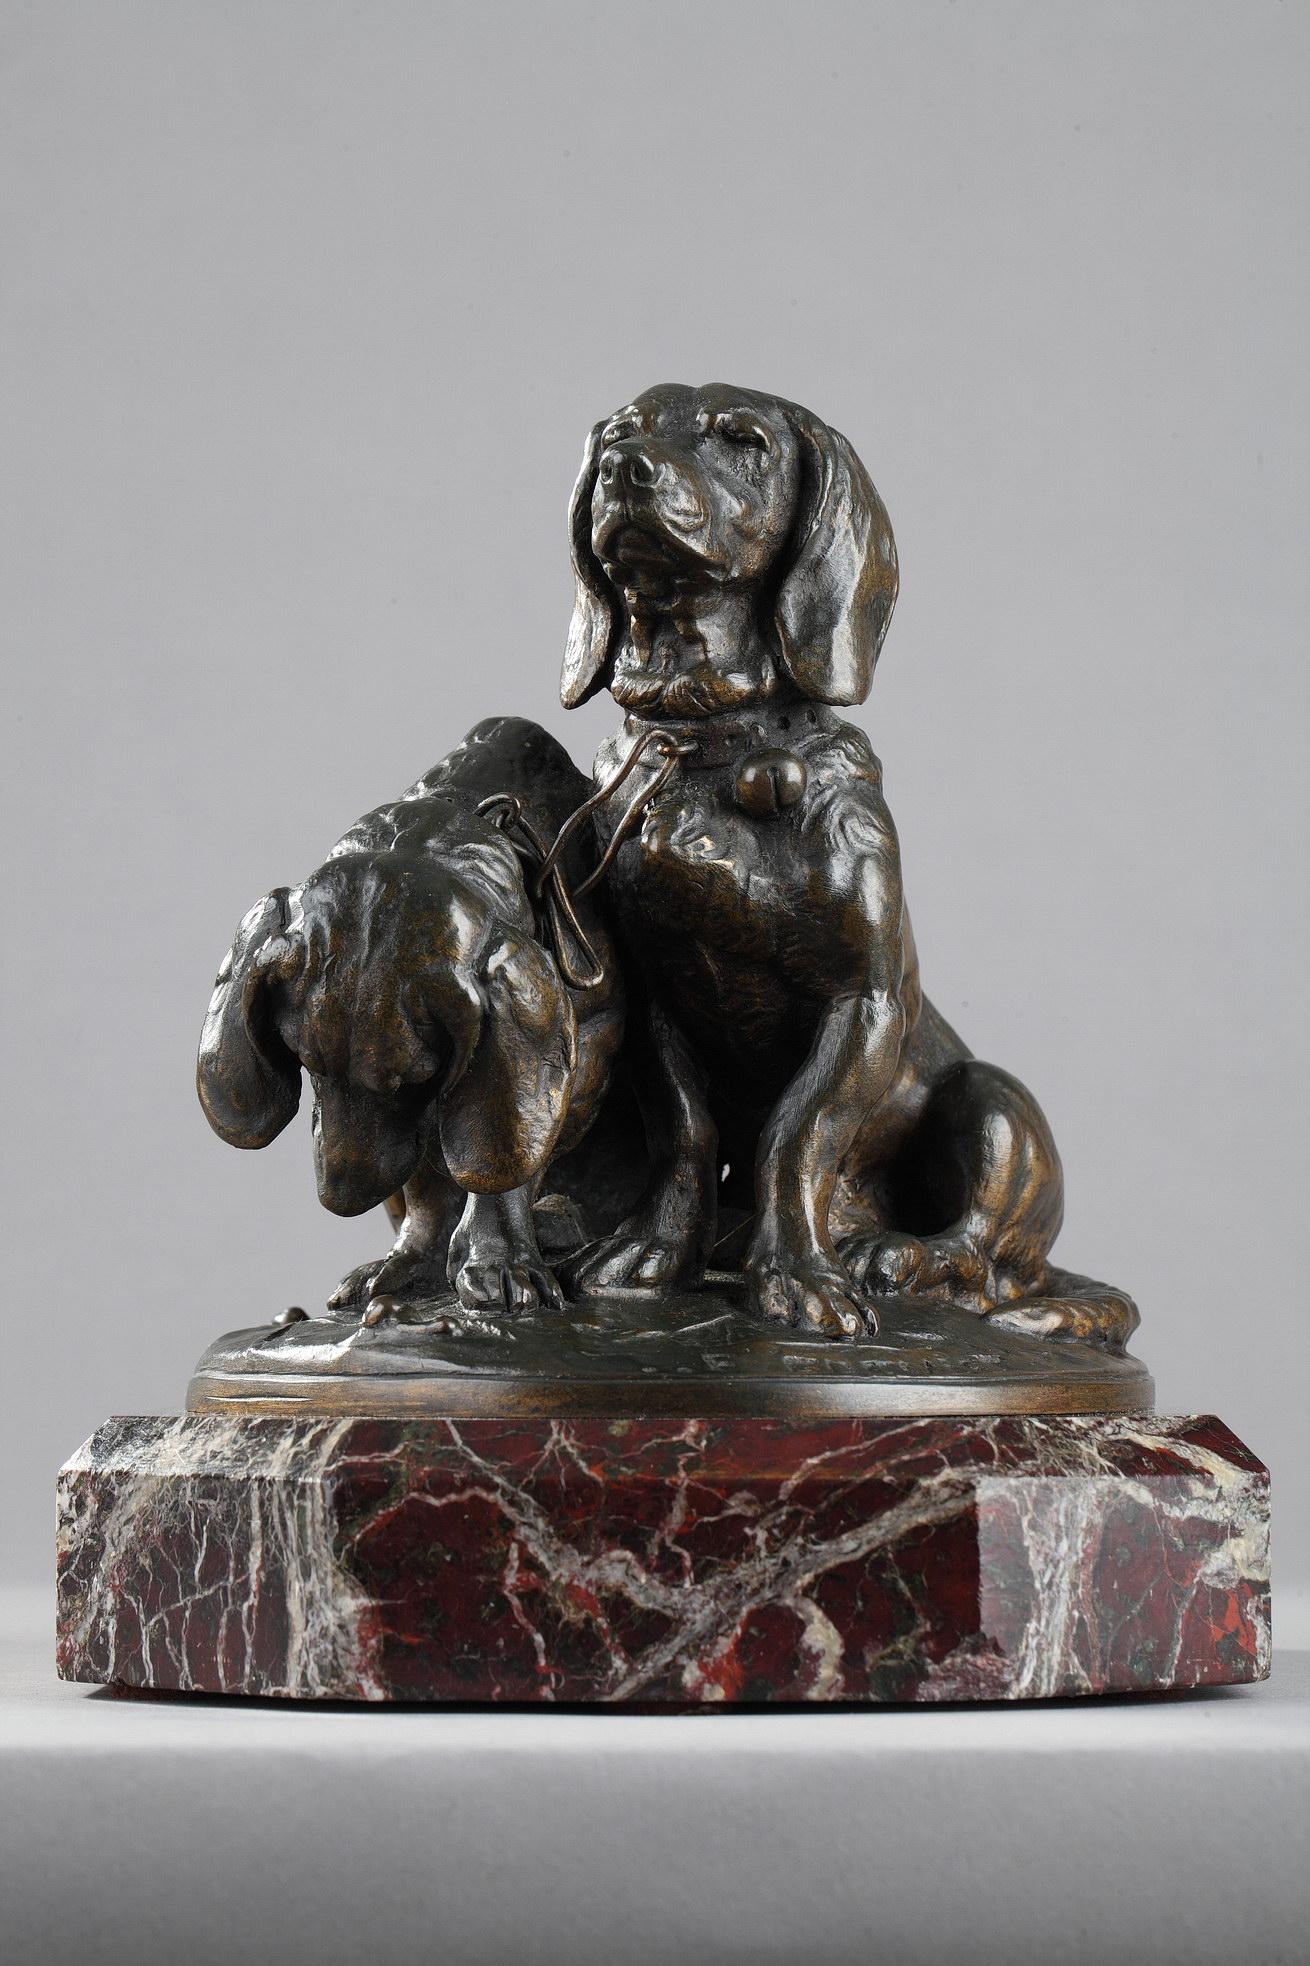 """Emmanuel Frémiet (1824-1910), """"Ravageot et Ravageode"""" avec maillons, bronze à patine brun très nuancé, fonte More, haut. 18,5 cm, sculptures - galerie Tourbillon, Paris"""